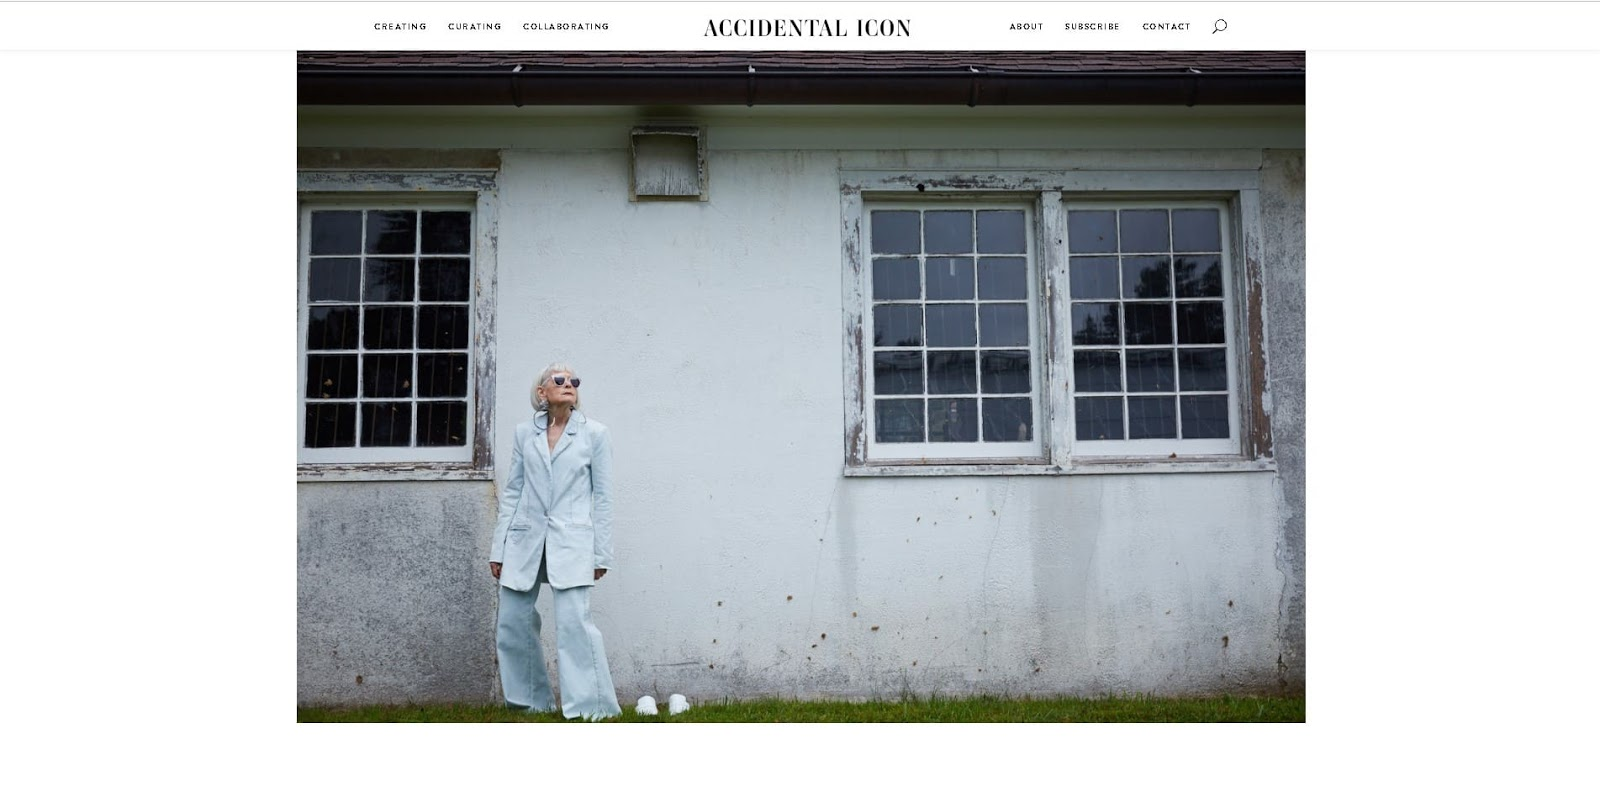 primer-nishi-dlya-bloga-the-accidental-icon-blog-niche-fashion